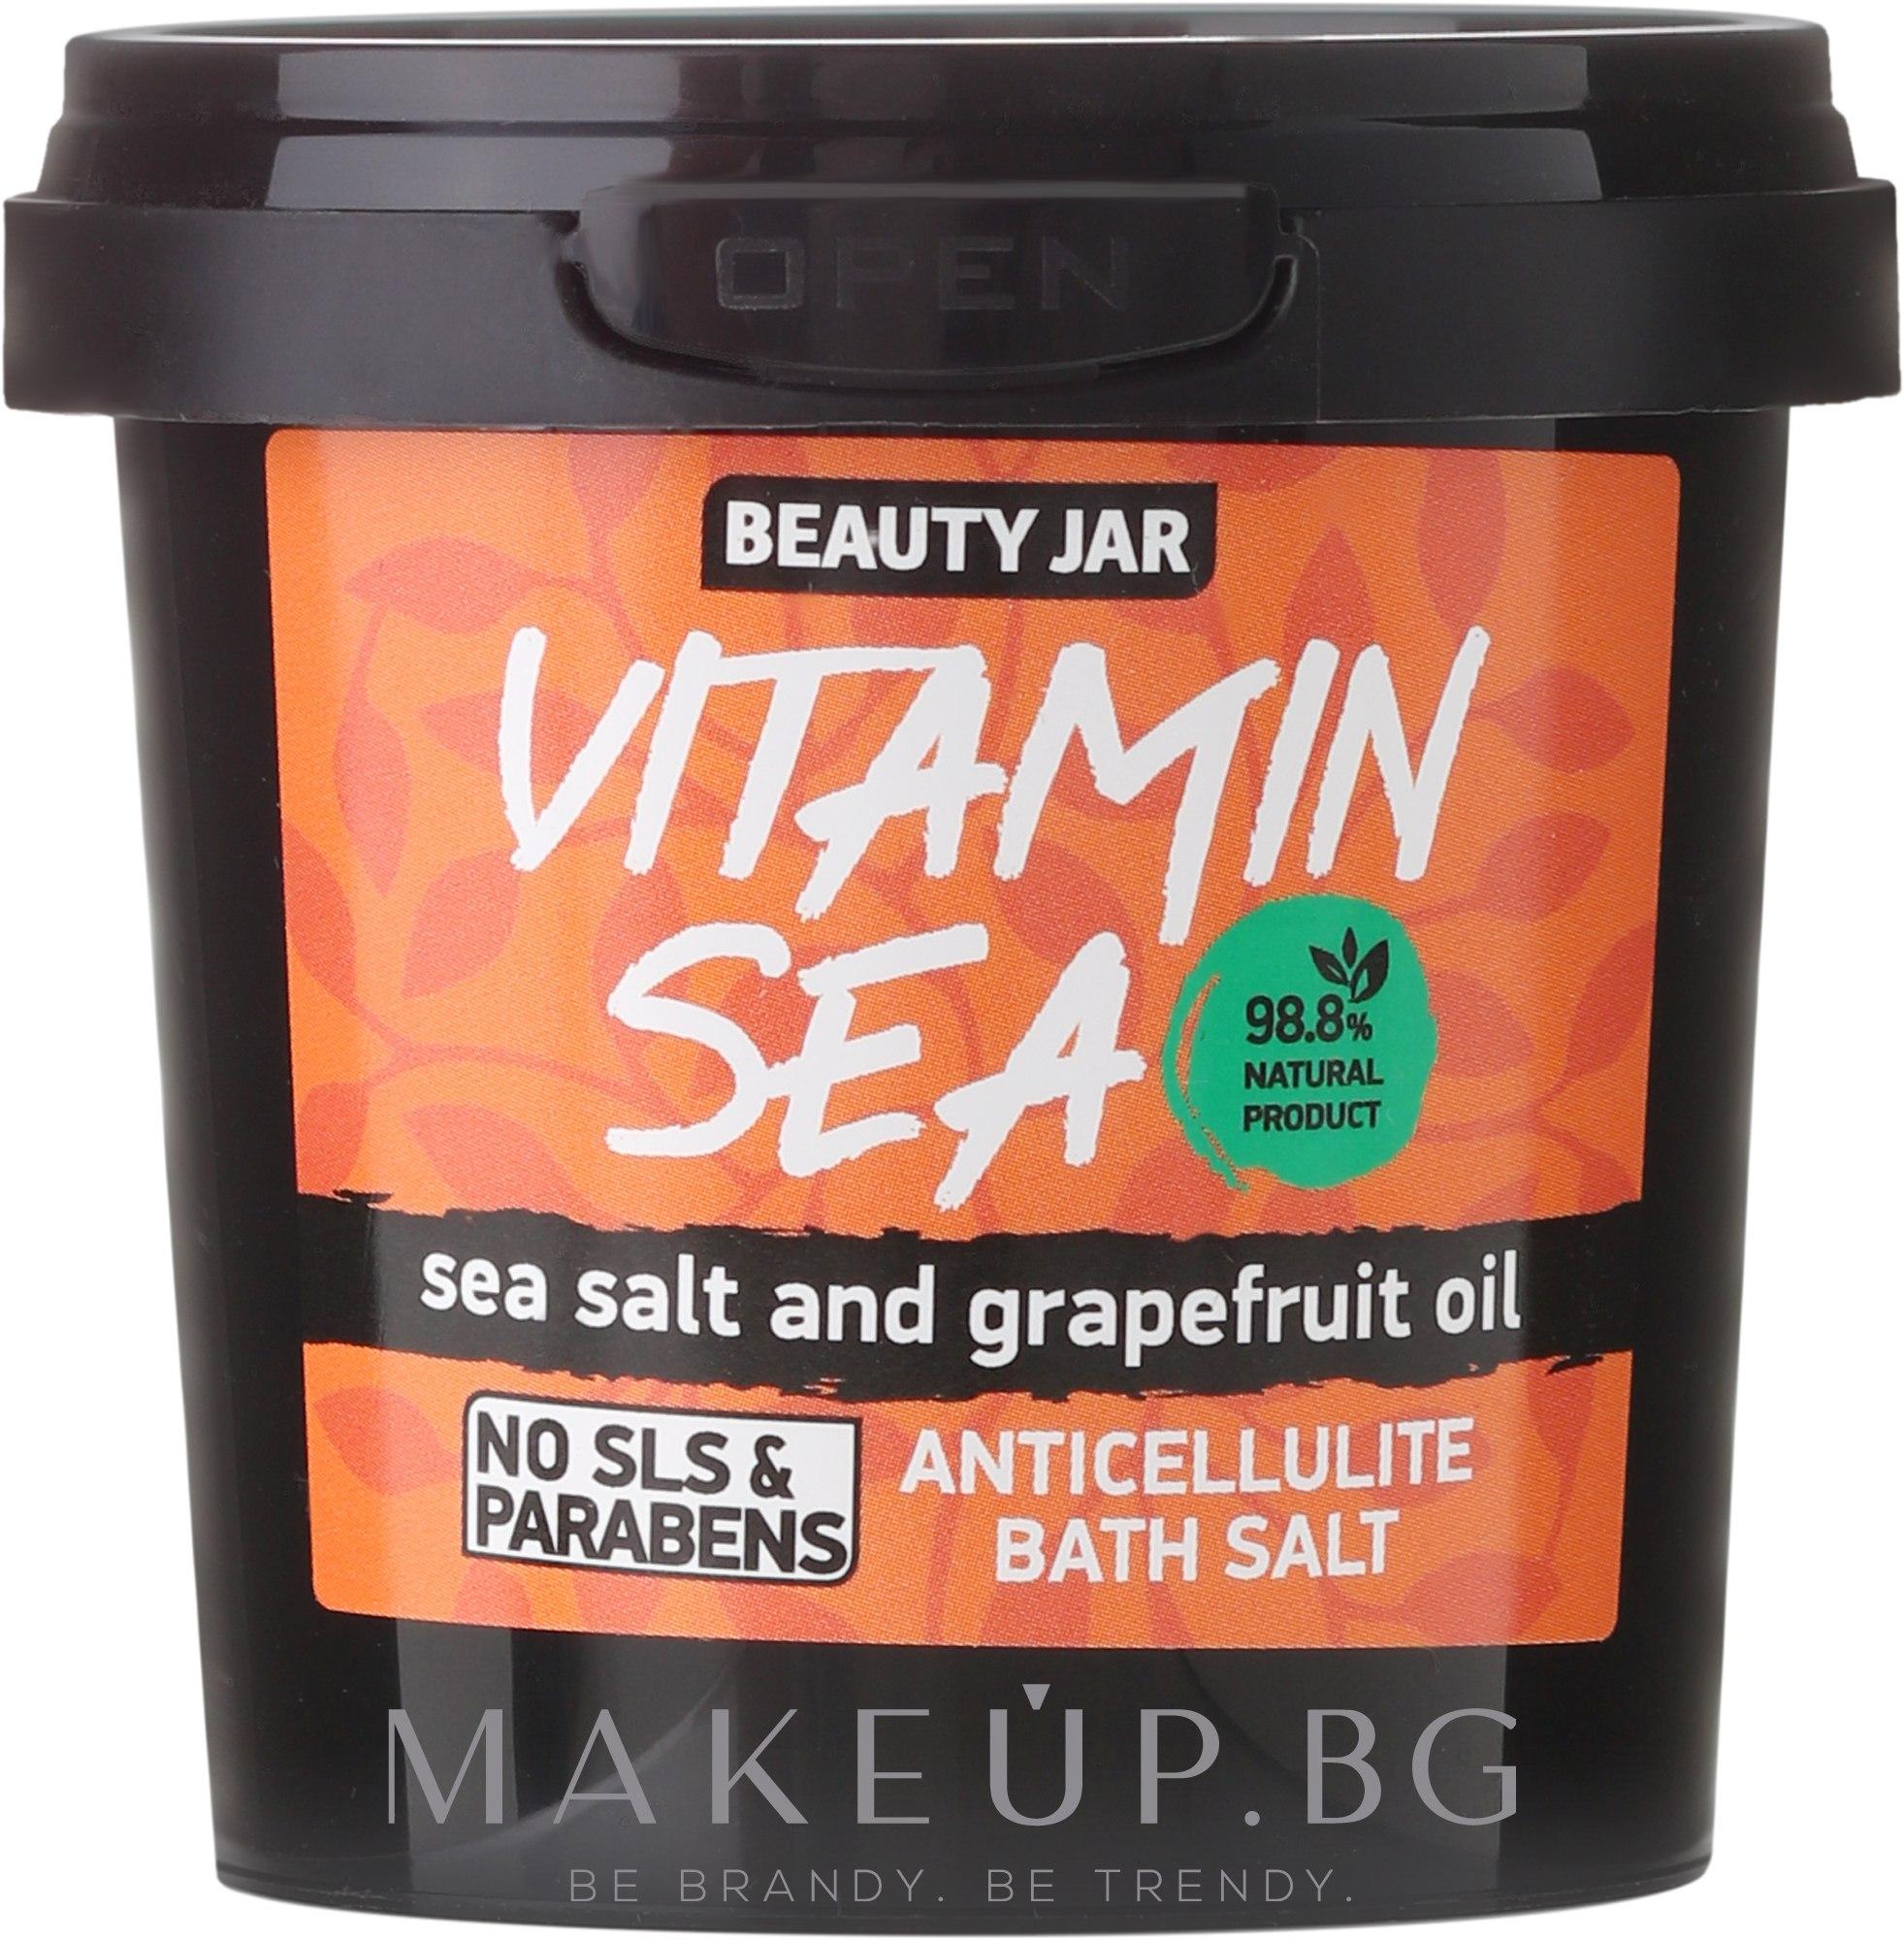 """Антицелулитни соли за вана с морска сол с масло от грейпфрут """"Vitamin Sea"""" - Beauty Jar Anticellulite Bath Salt — снимка 200 g"""